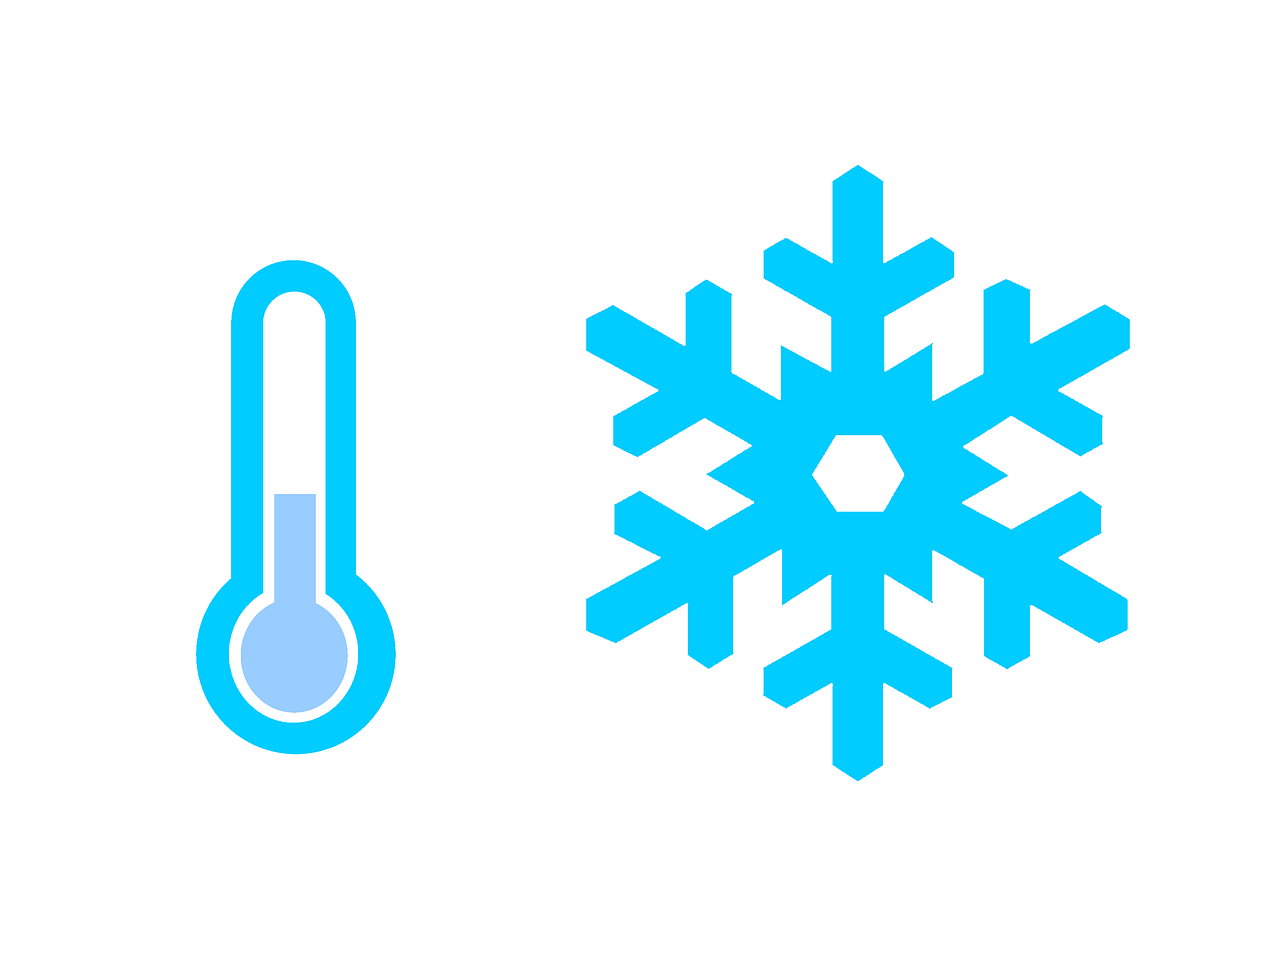 Termometr, zimowa temperatura